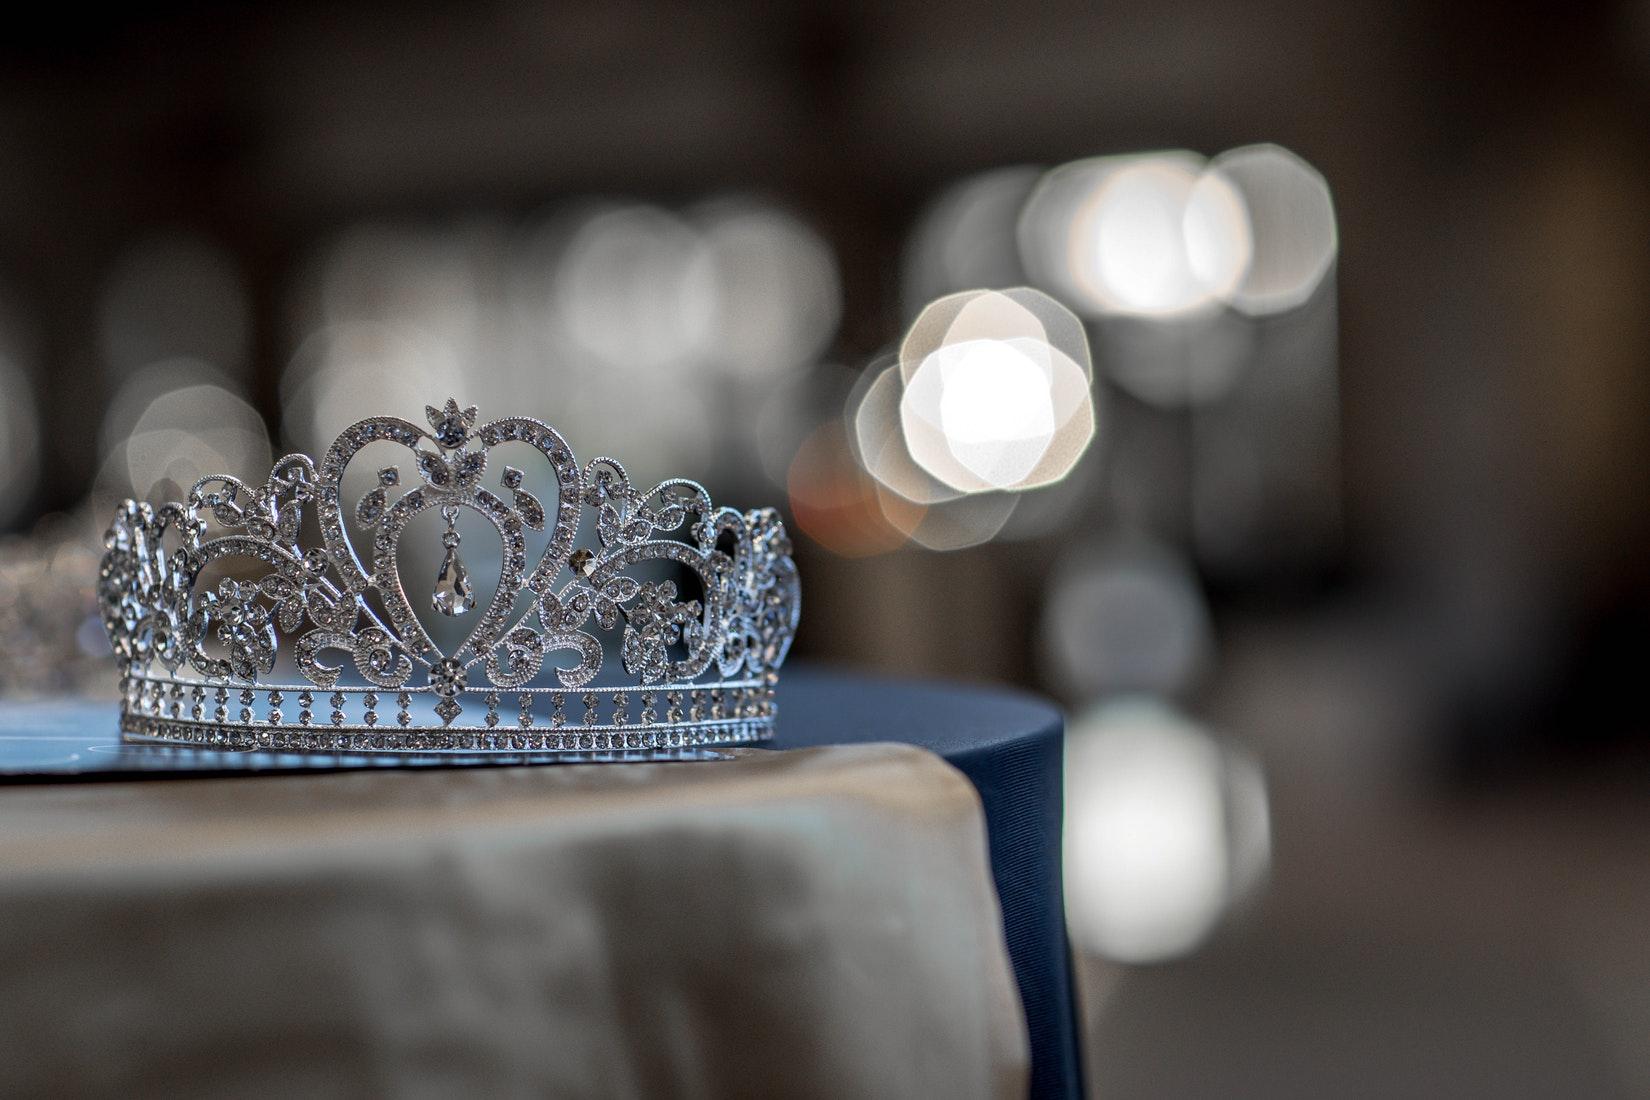 tiara on table